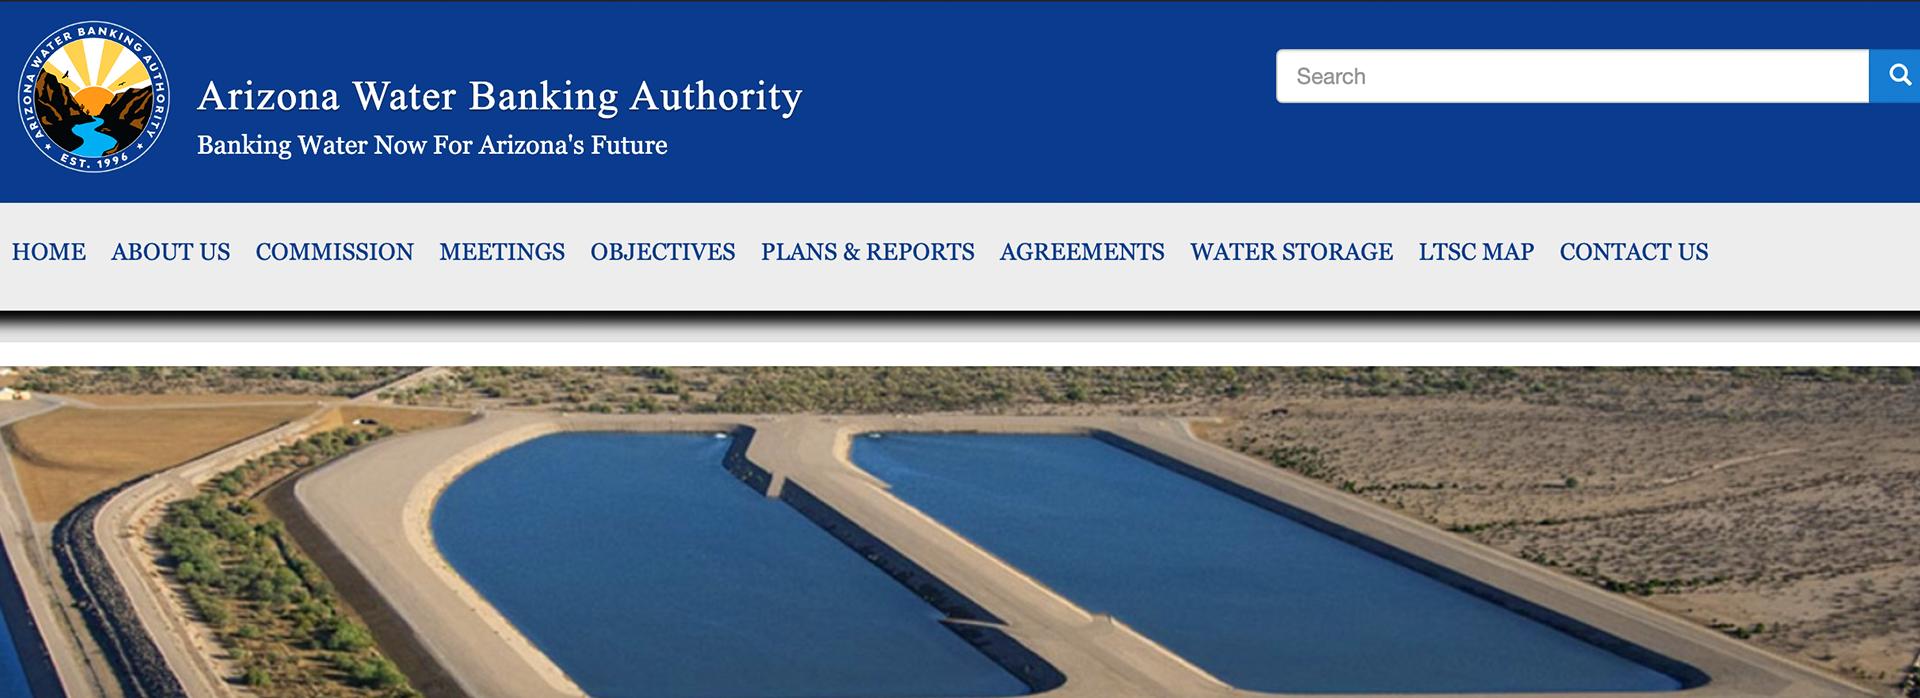 New Water Bank Website Design